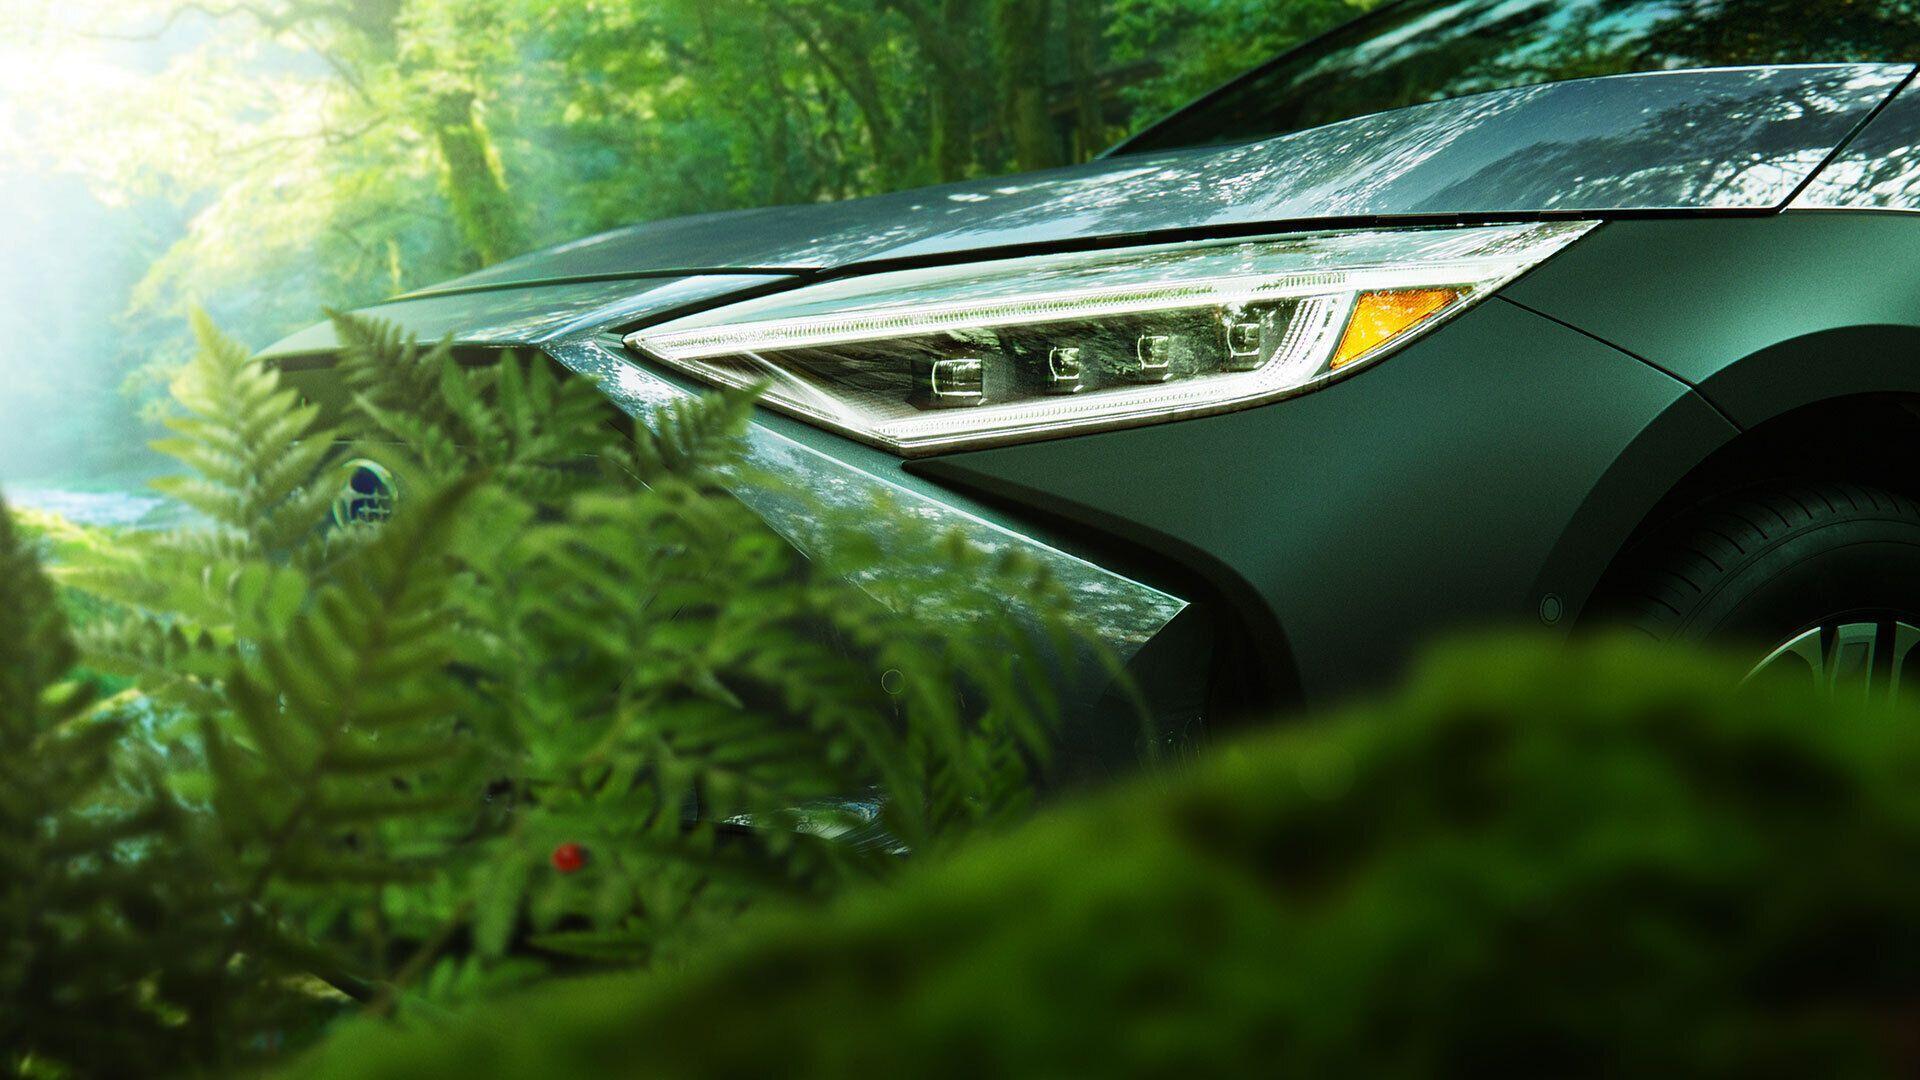 Subaru показала новые тизеры электромобиля Solterra